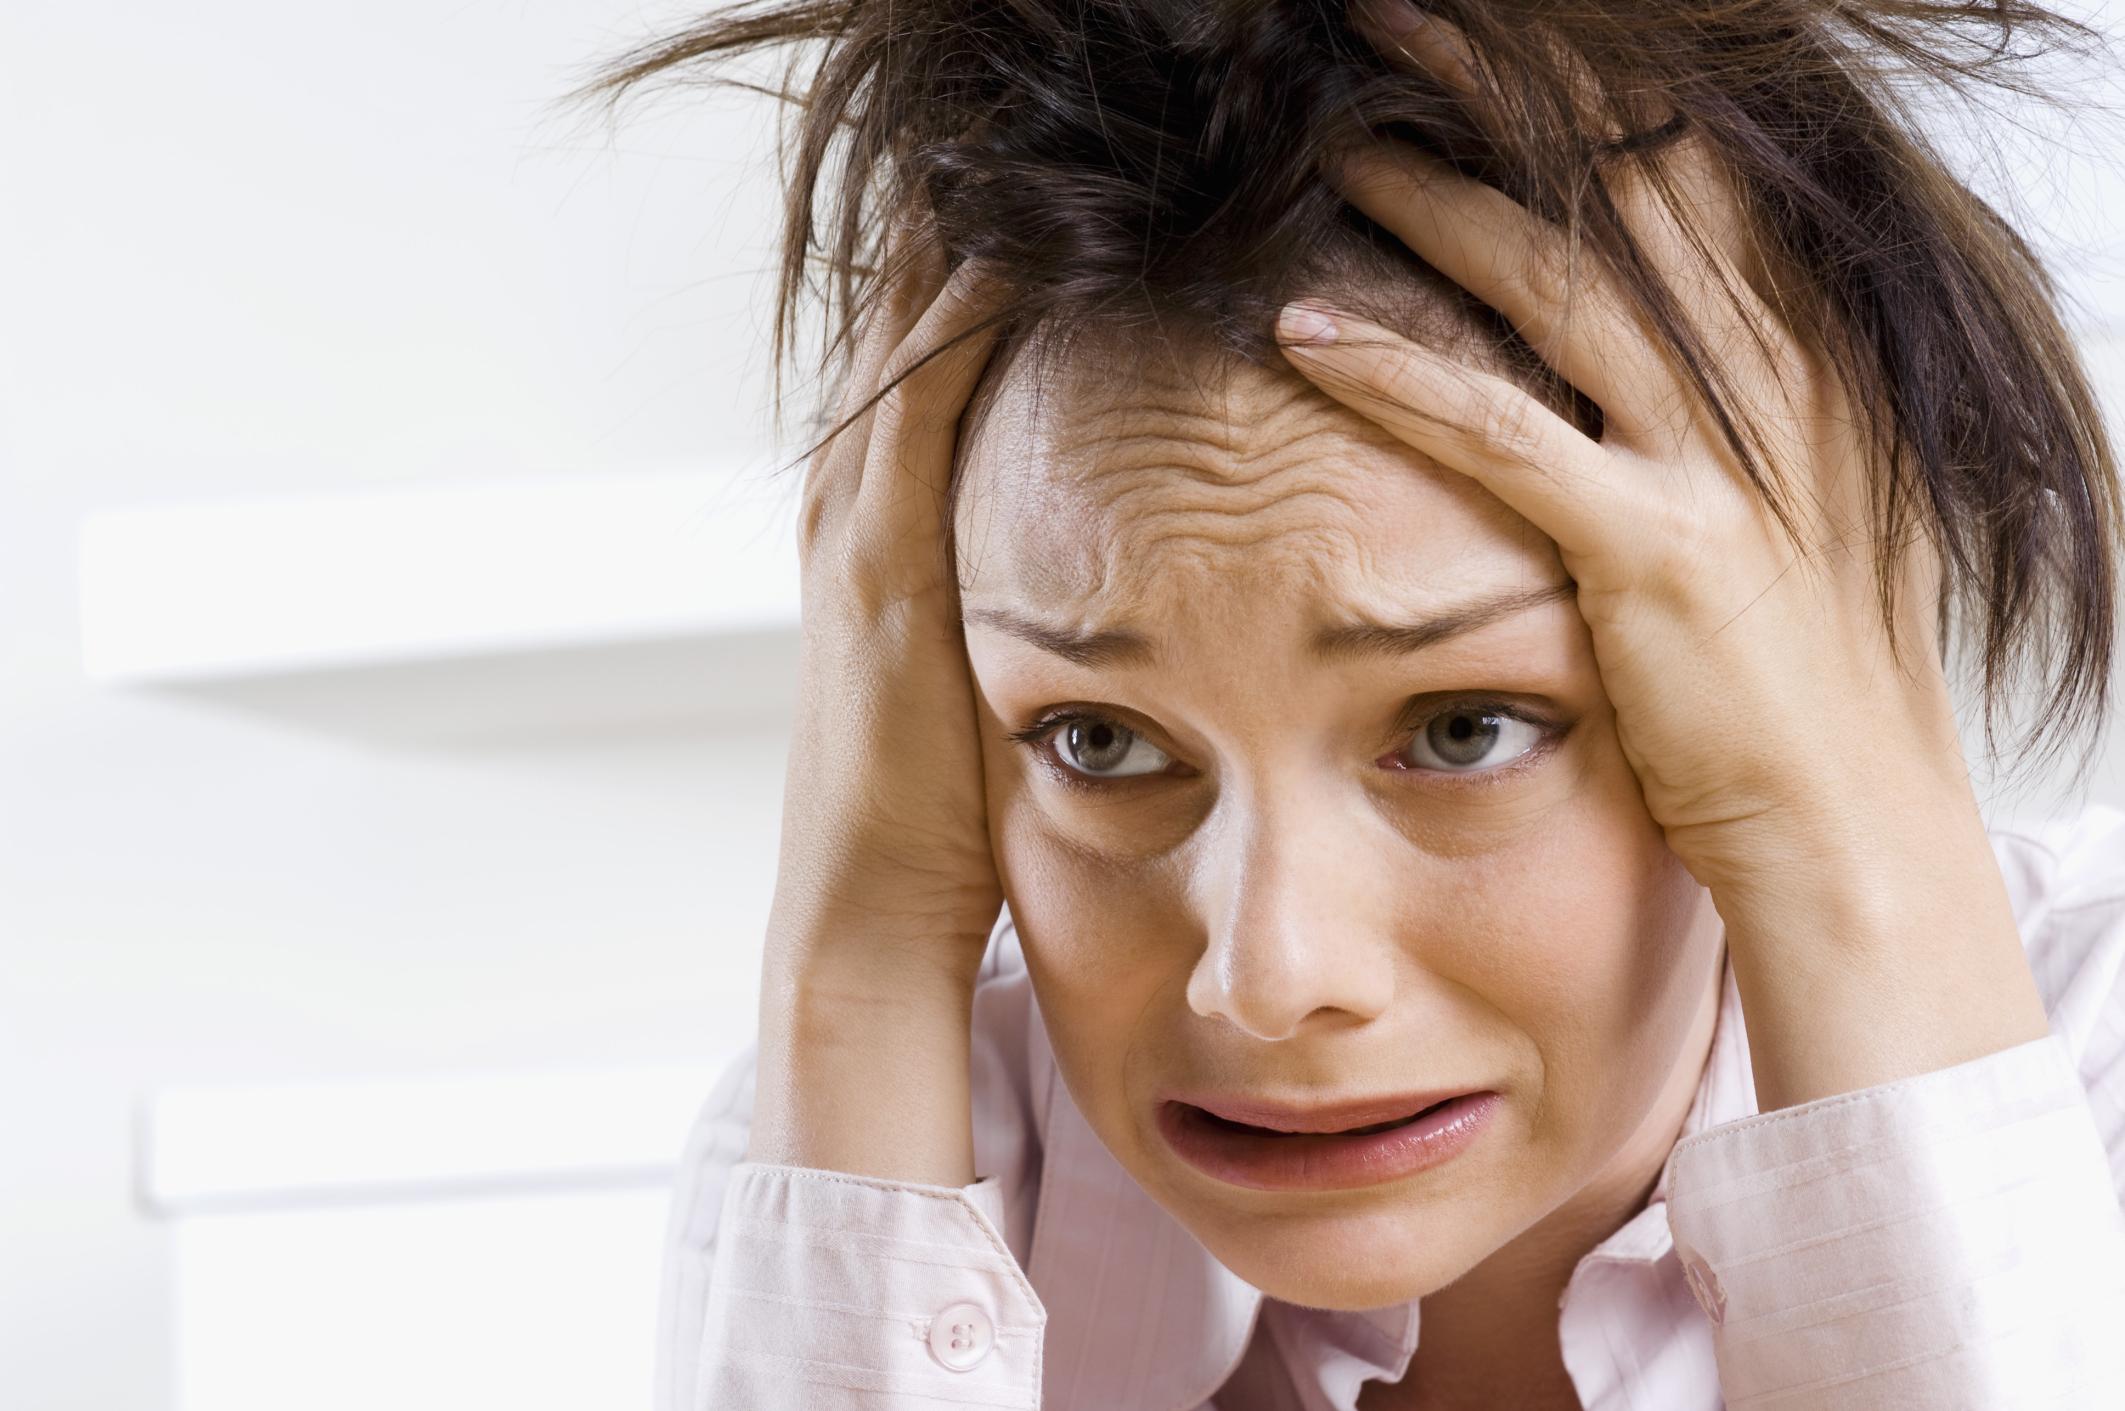 Что такое невроз? причины, симптомы, лечение и профилактика.